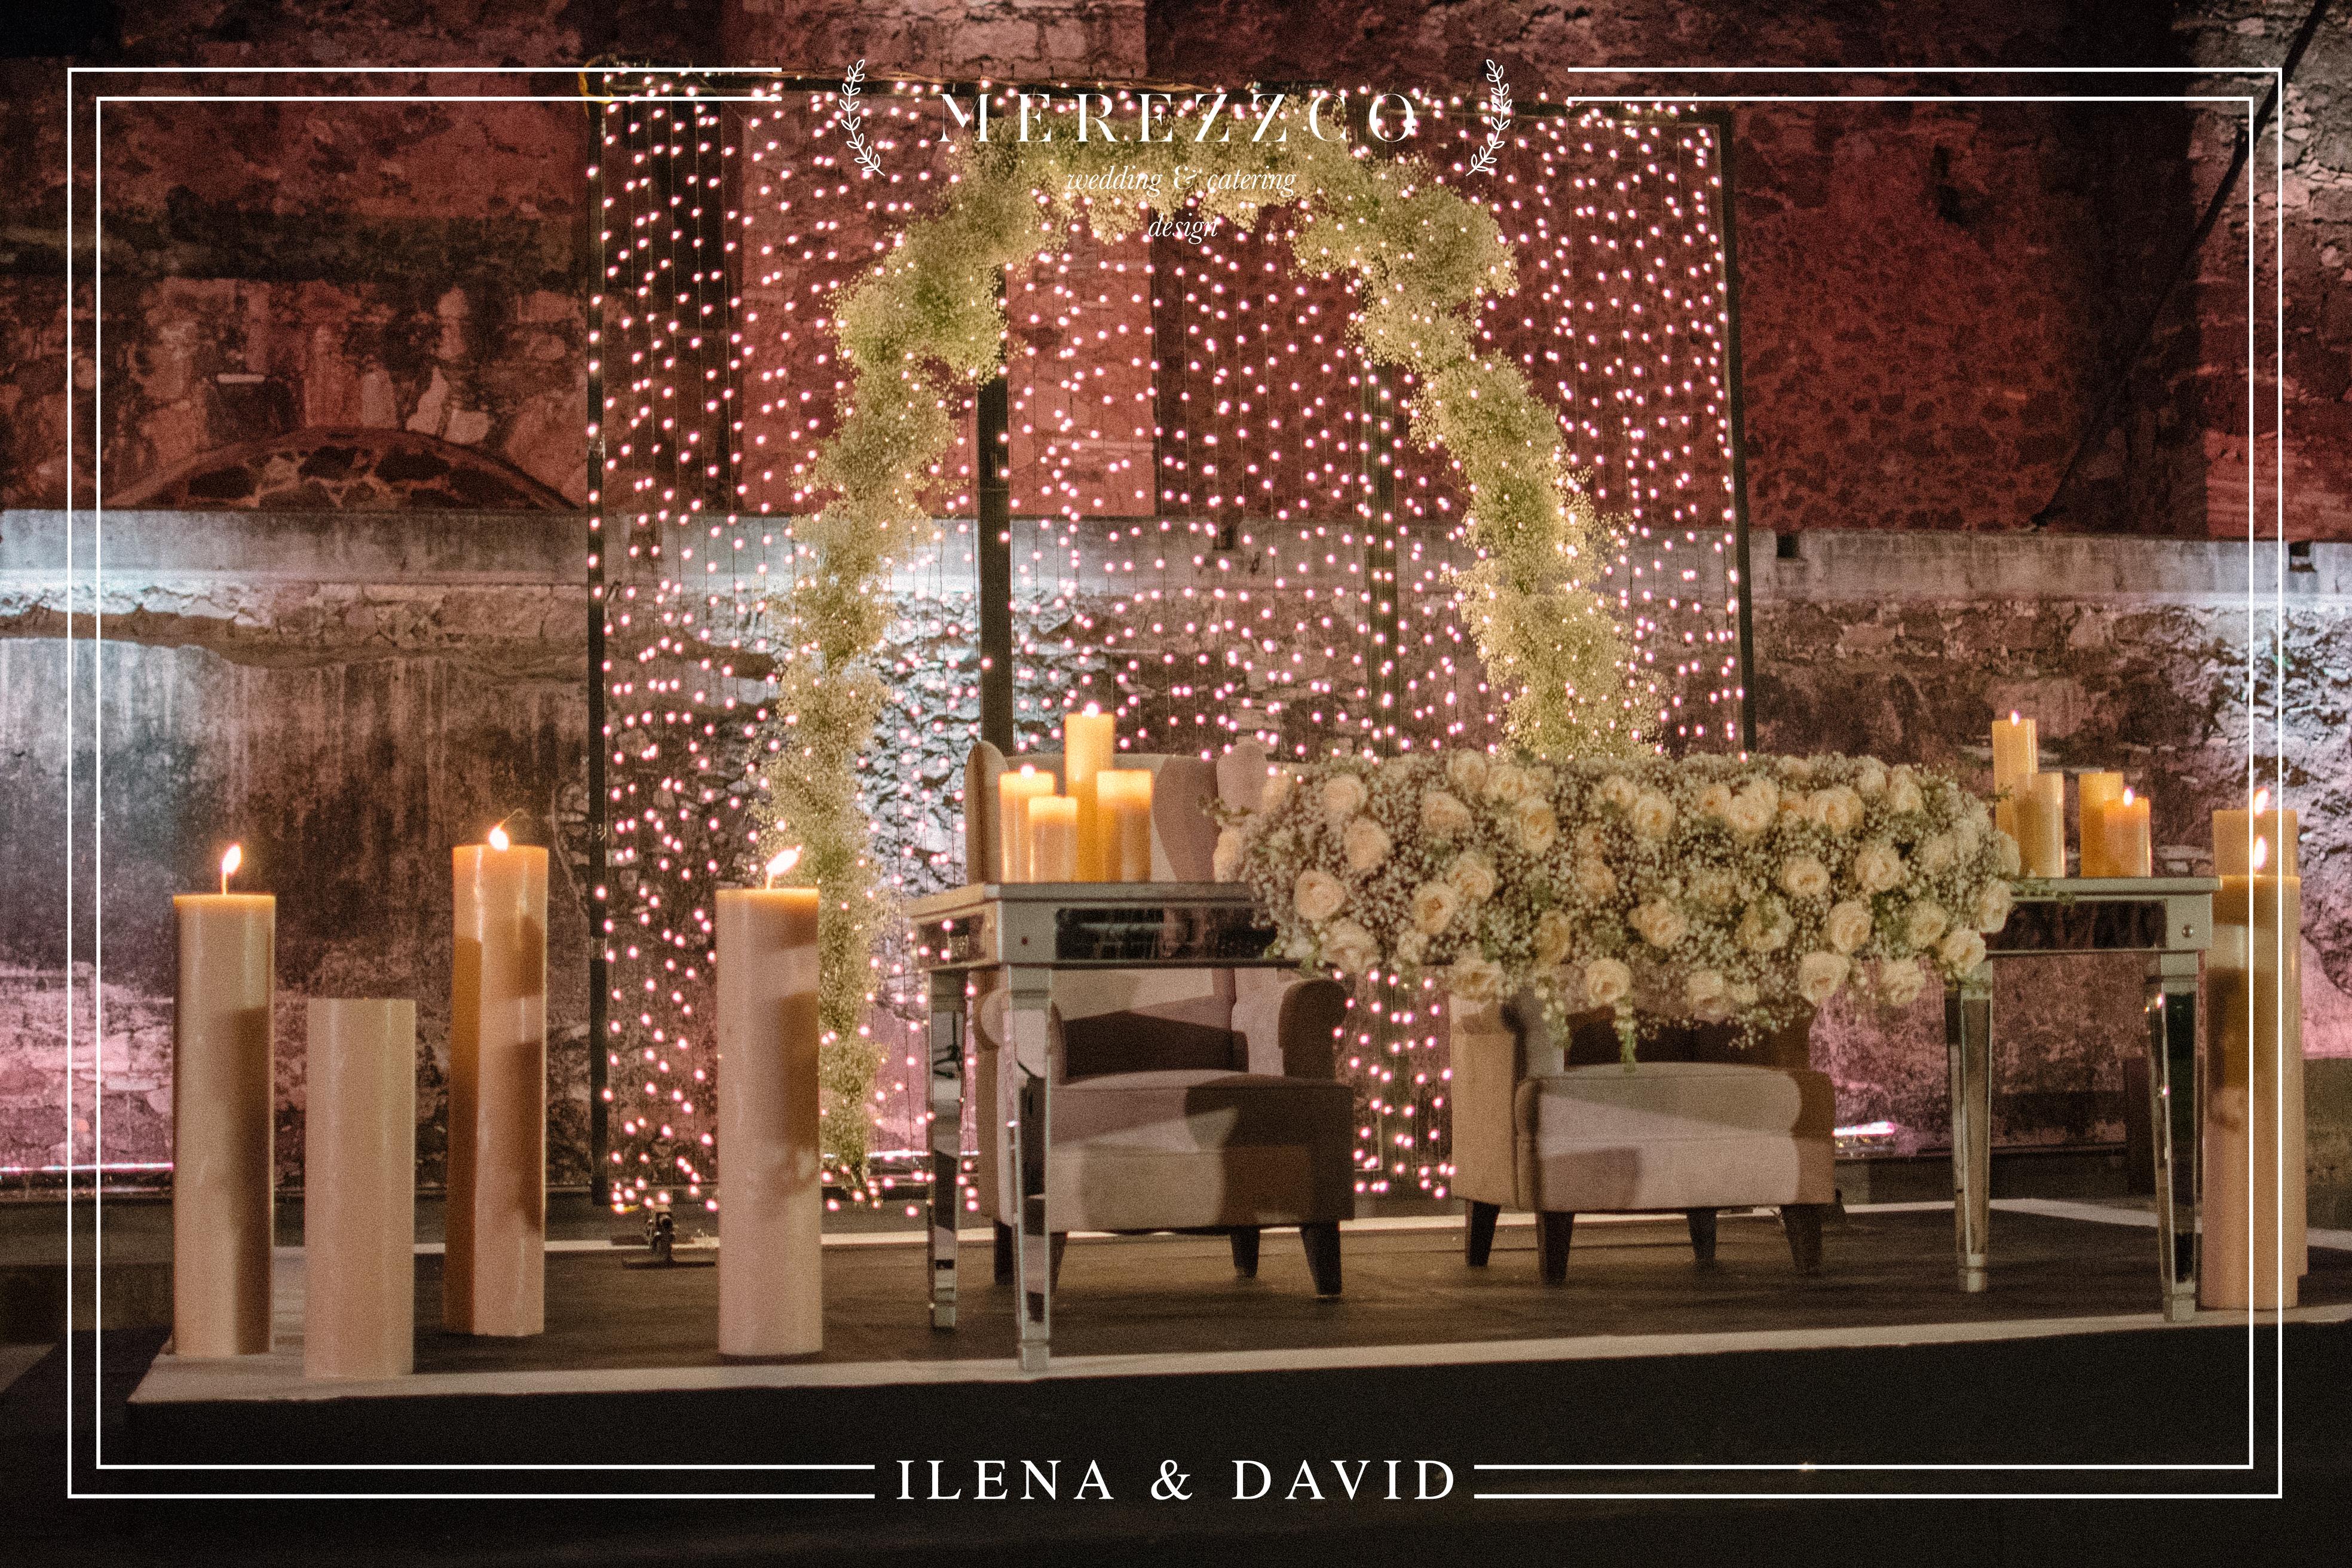 Ileana & David